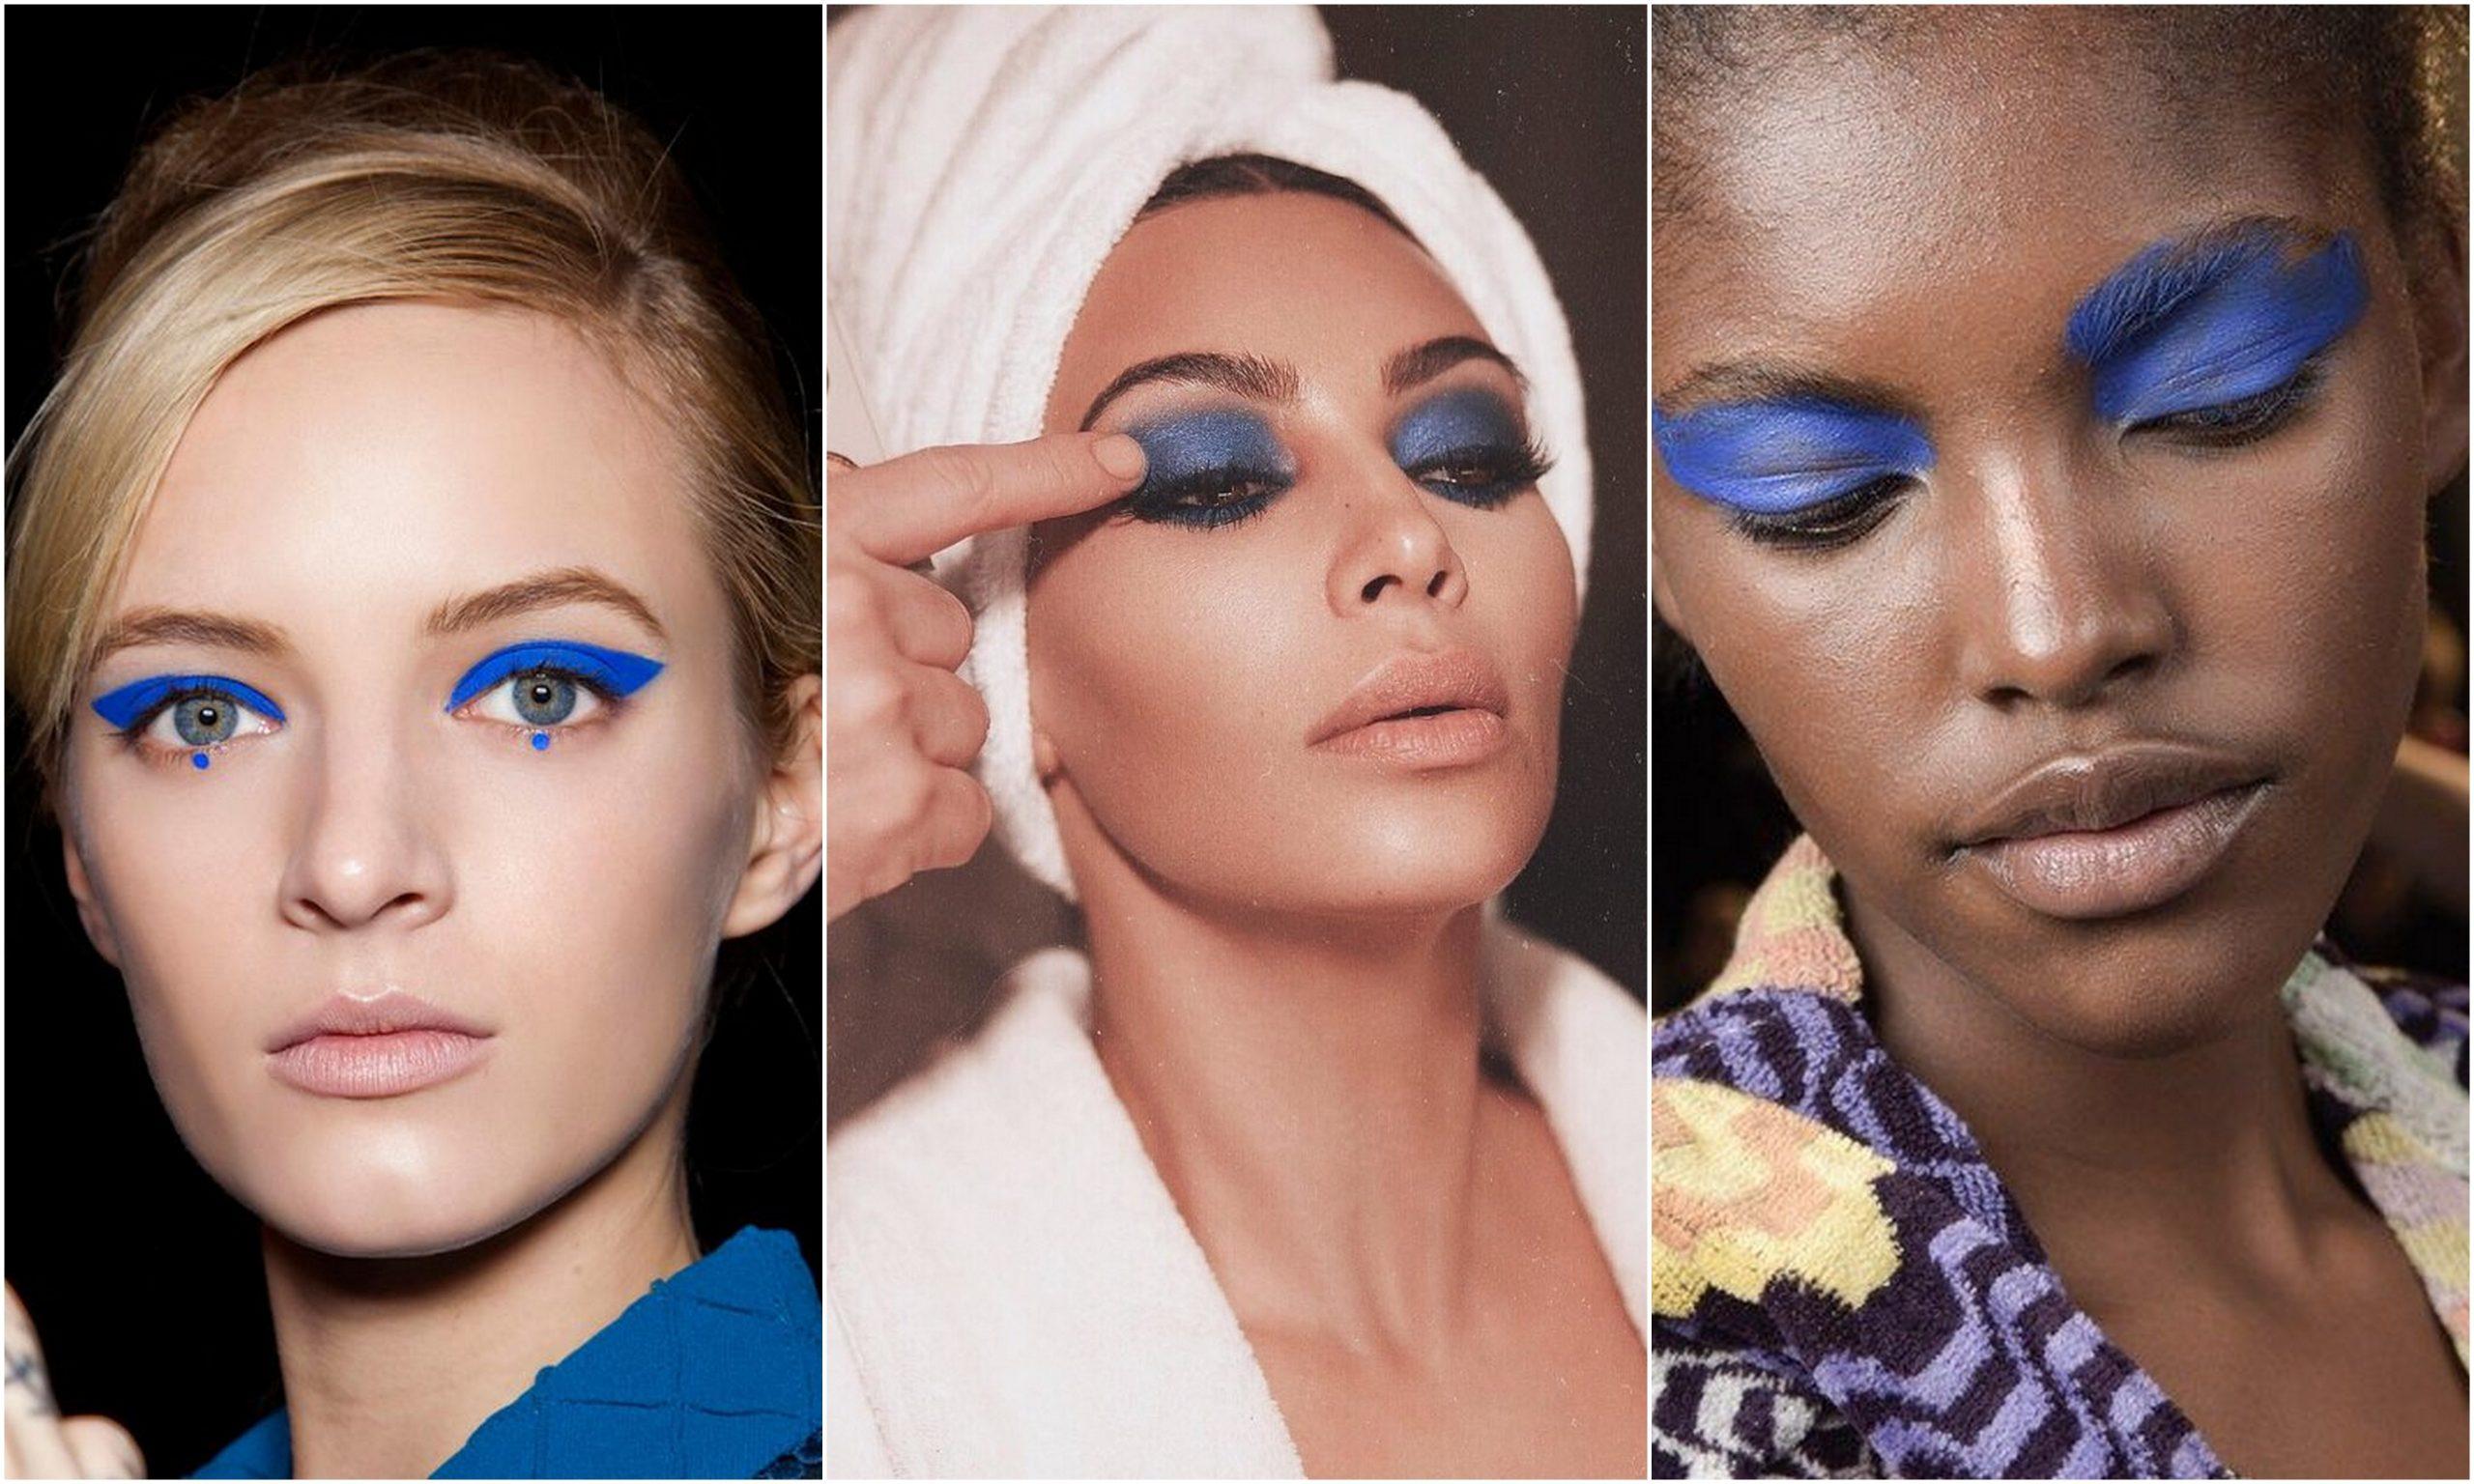 Ombretto blu: la tendenza beauty dell'estate 2018 lanciata da Kim Kardashian